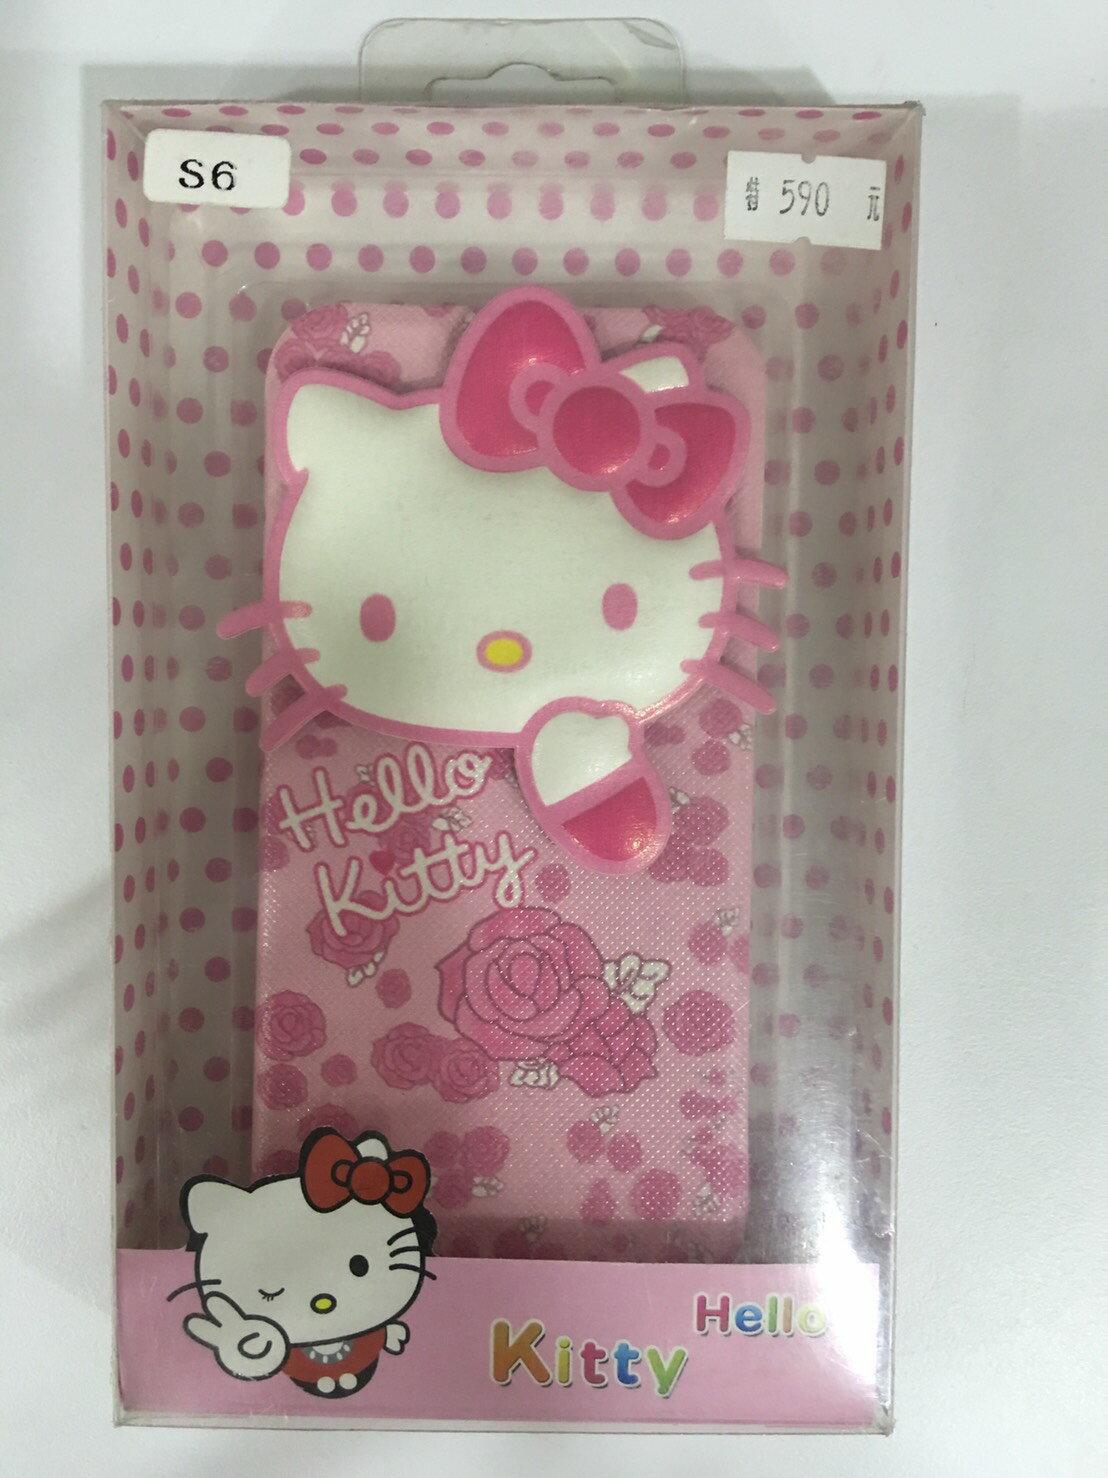 【星欣】SAMSUNG S6 Hello Kitty 粉紅玫瑰 側掀式皮套 直購價